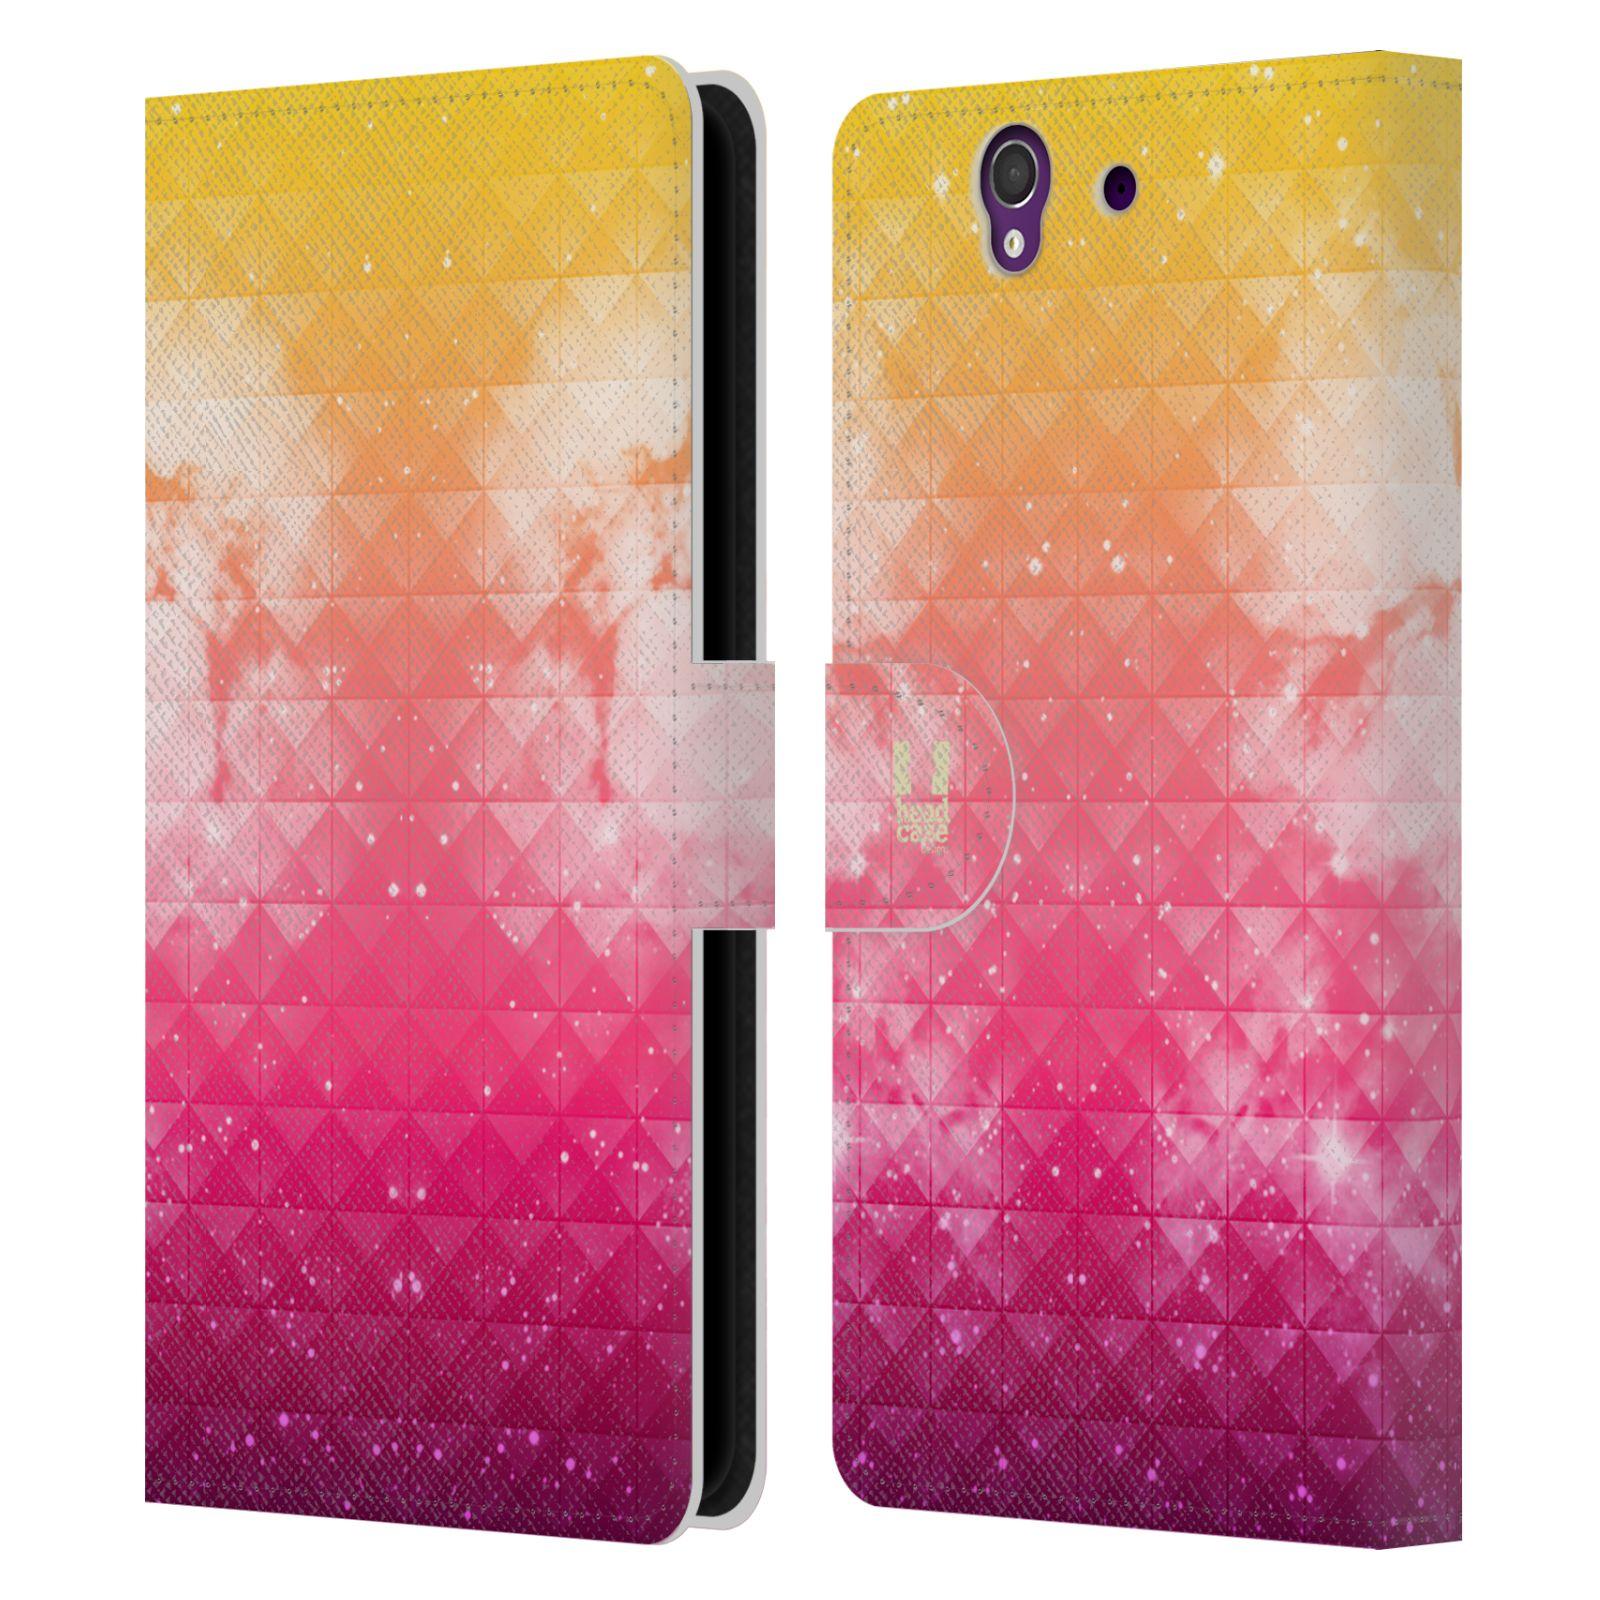 HEAD CASE Flipové pouzdro pro mobil SONY XPERIA Z (C6603) barevná vesmírná mlhovina oranžová a růžová